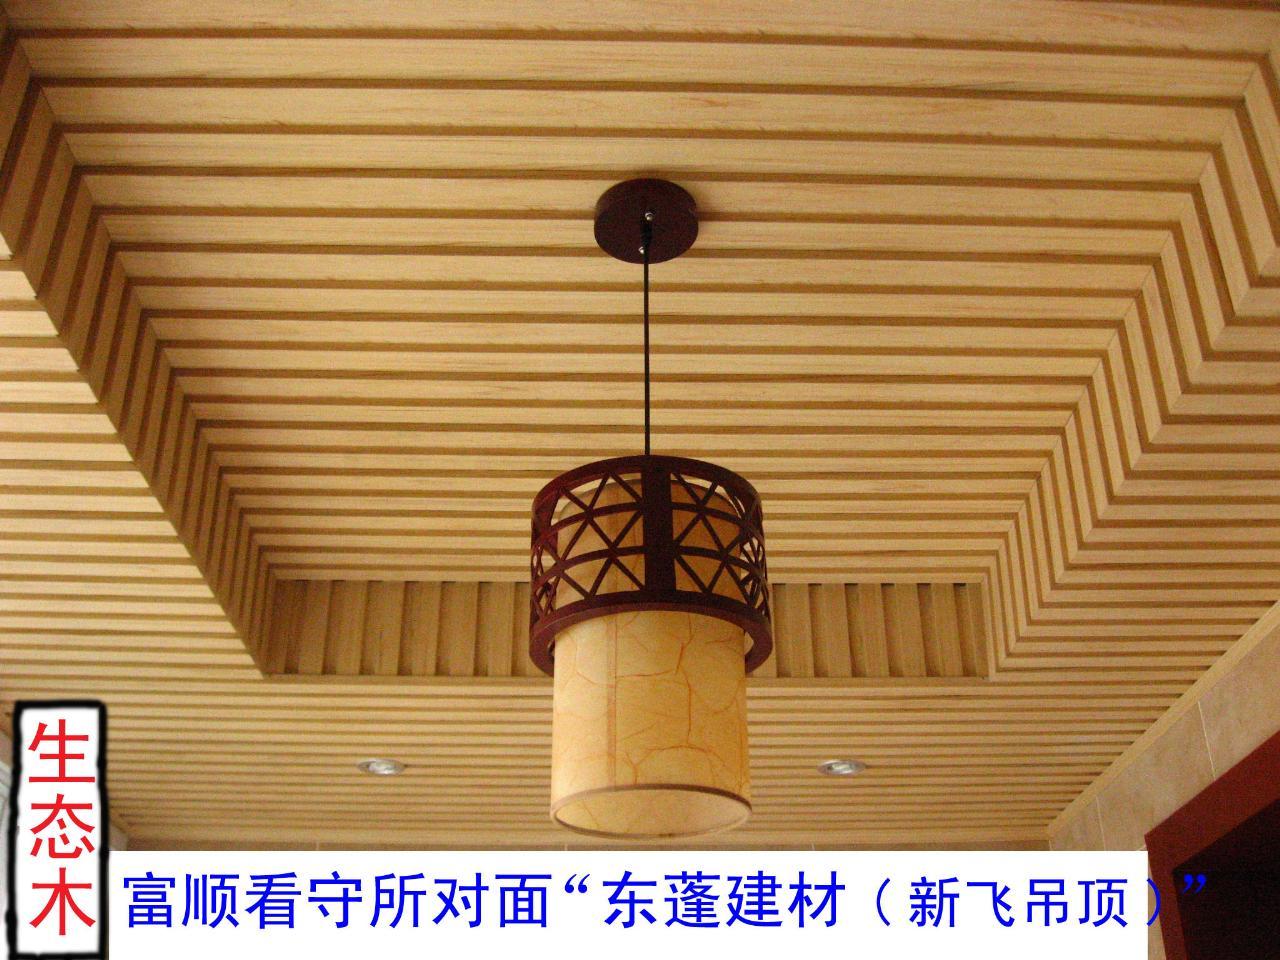 新飞吊顶装修期间吊顶大酬宾